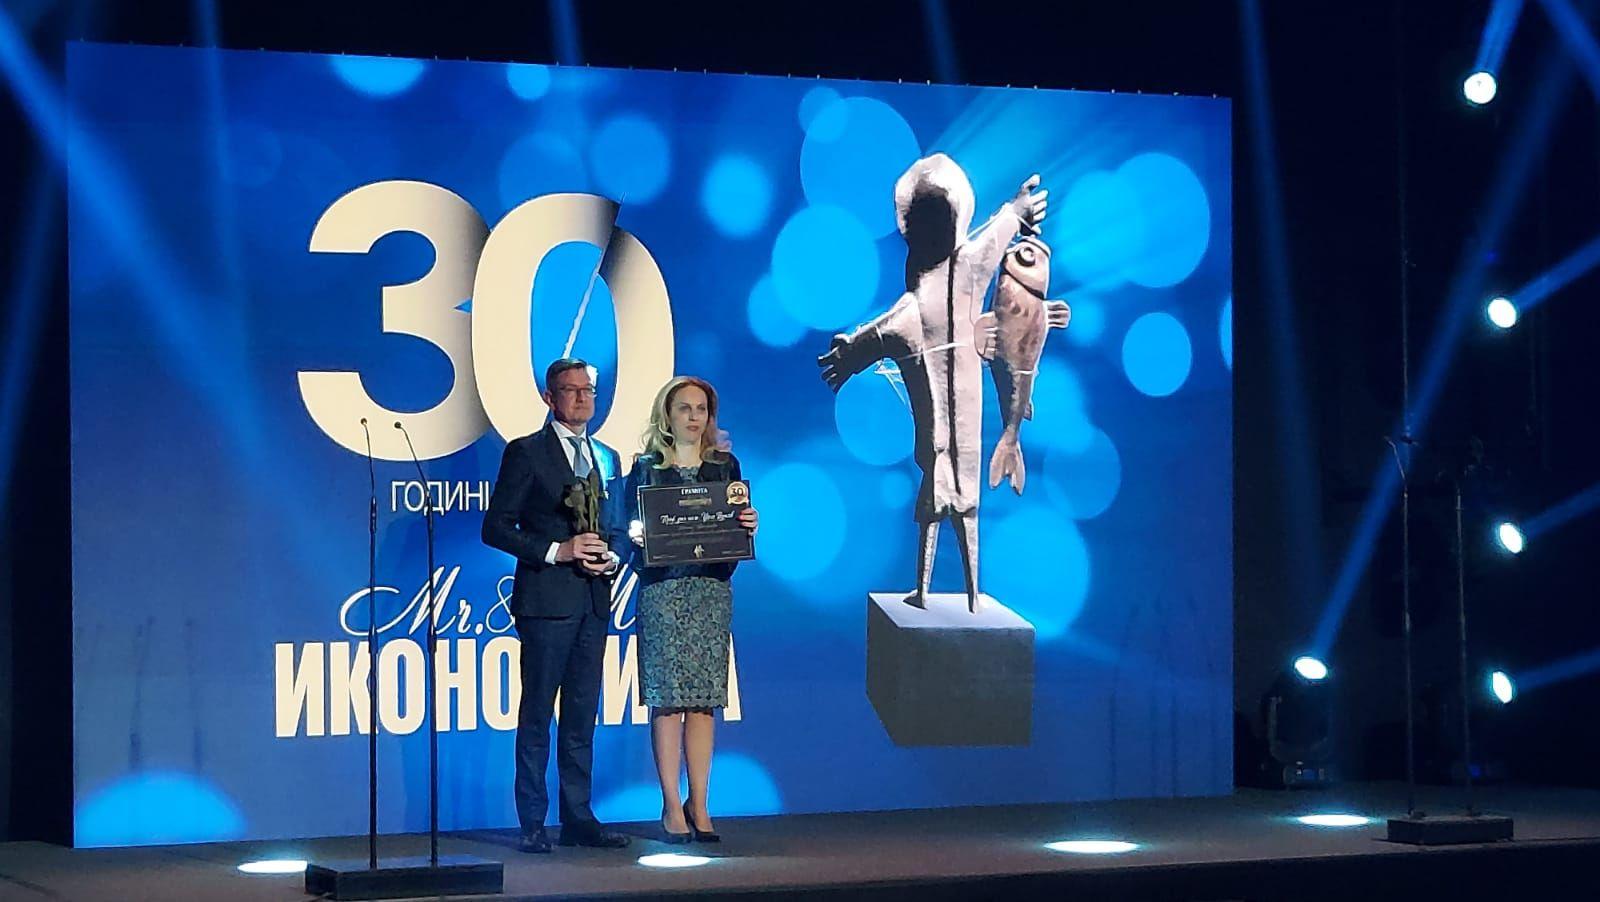 """Доминик Хамерс, изпълнителен директор на """"Геотехмин"""" получи наградата си от министъра на туризма Марияна Николова"""